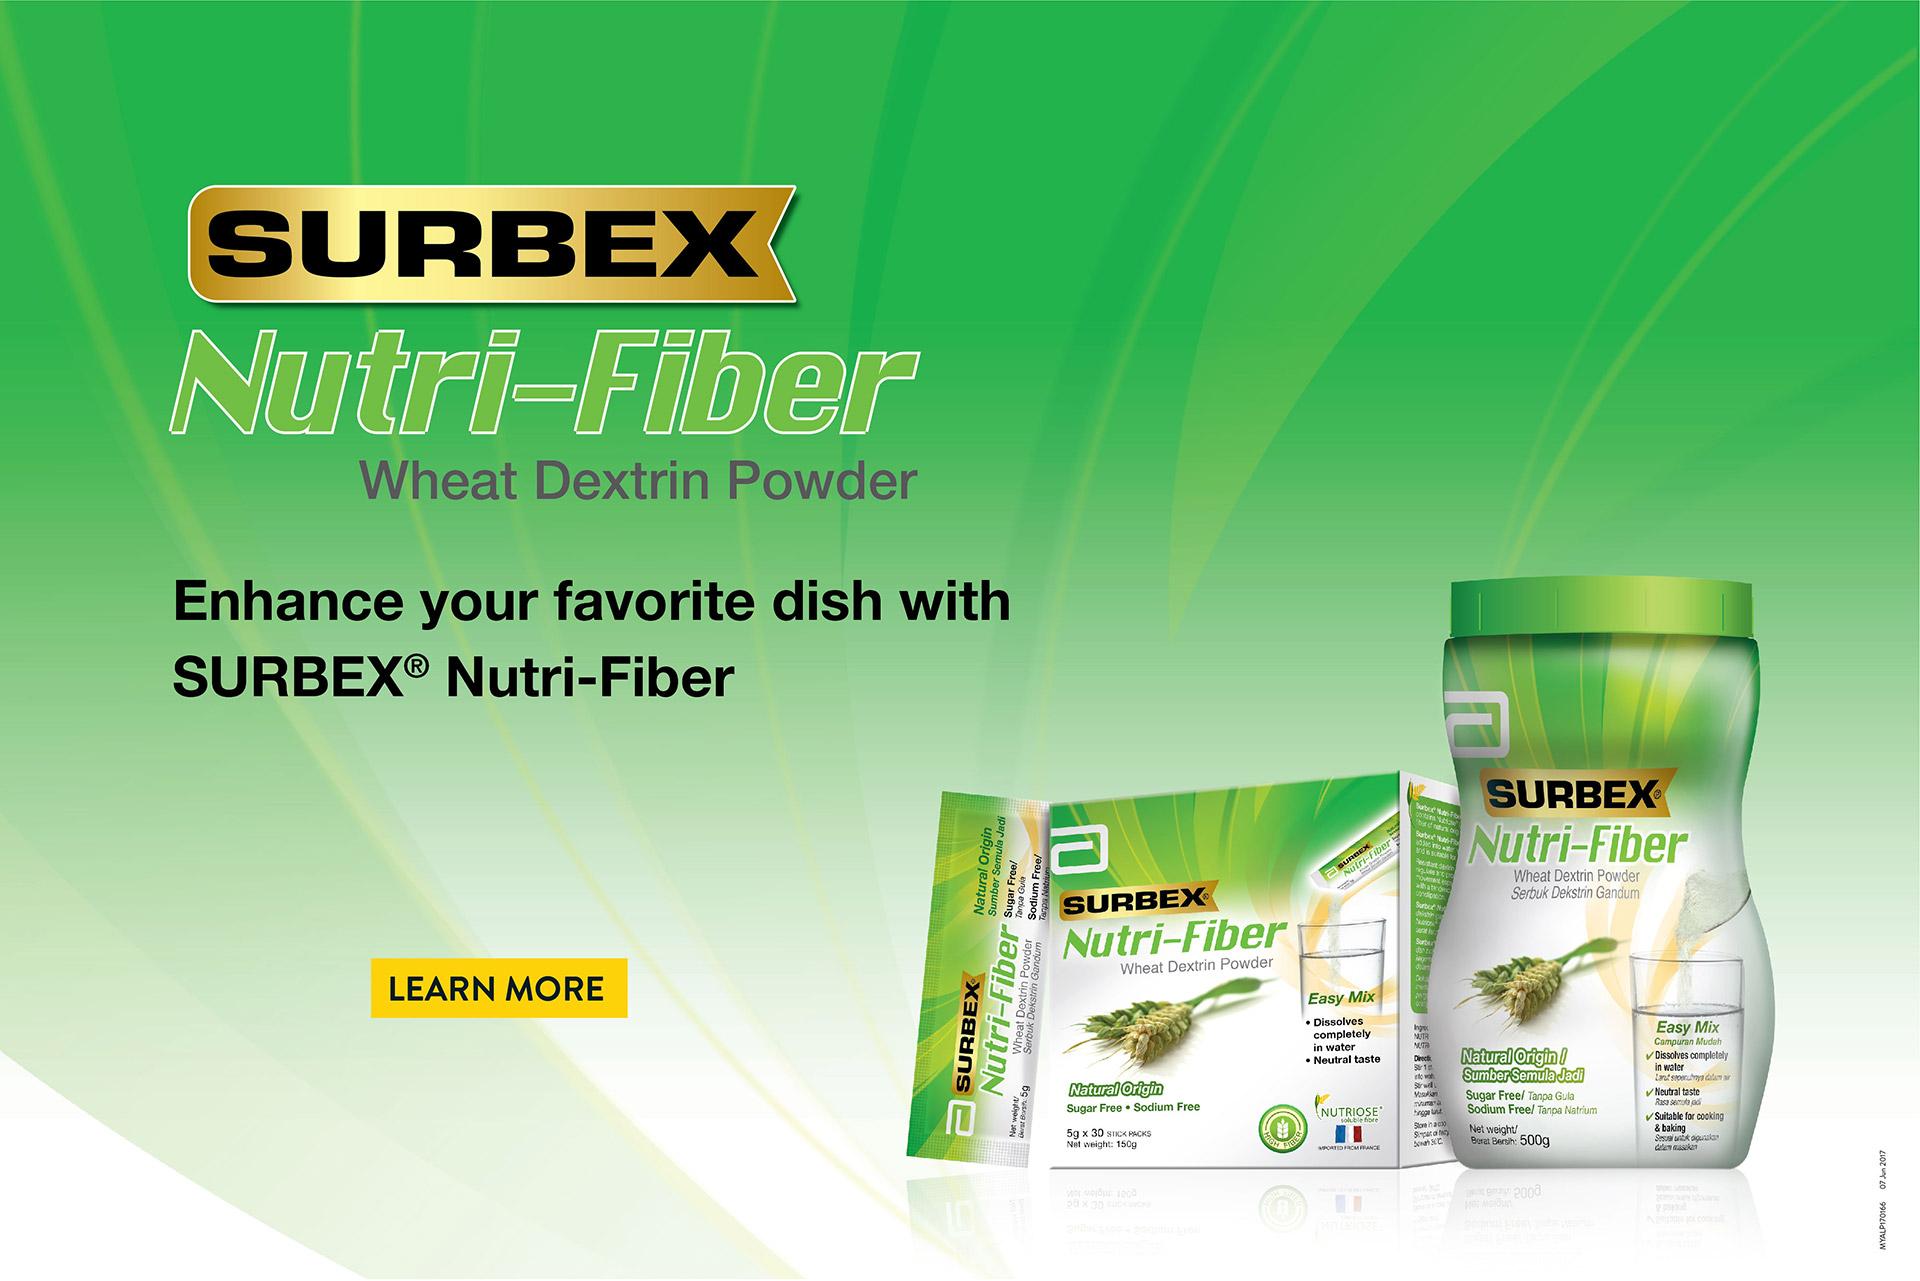 Surbex Nutri-Fiber Recipes